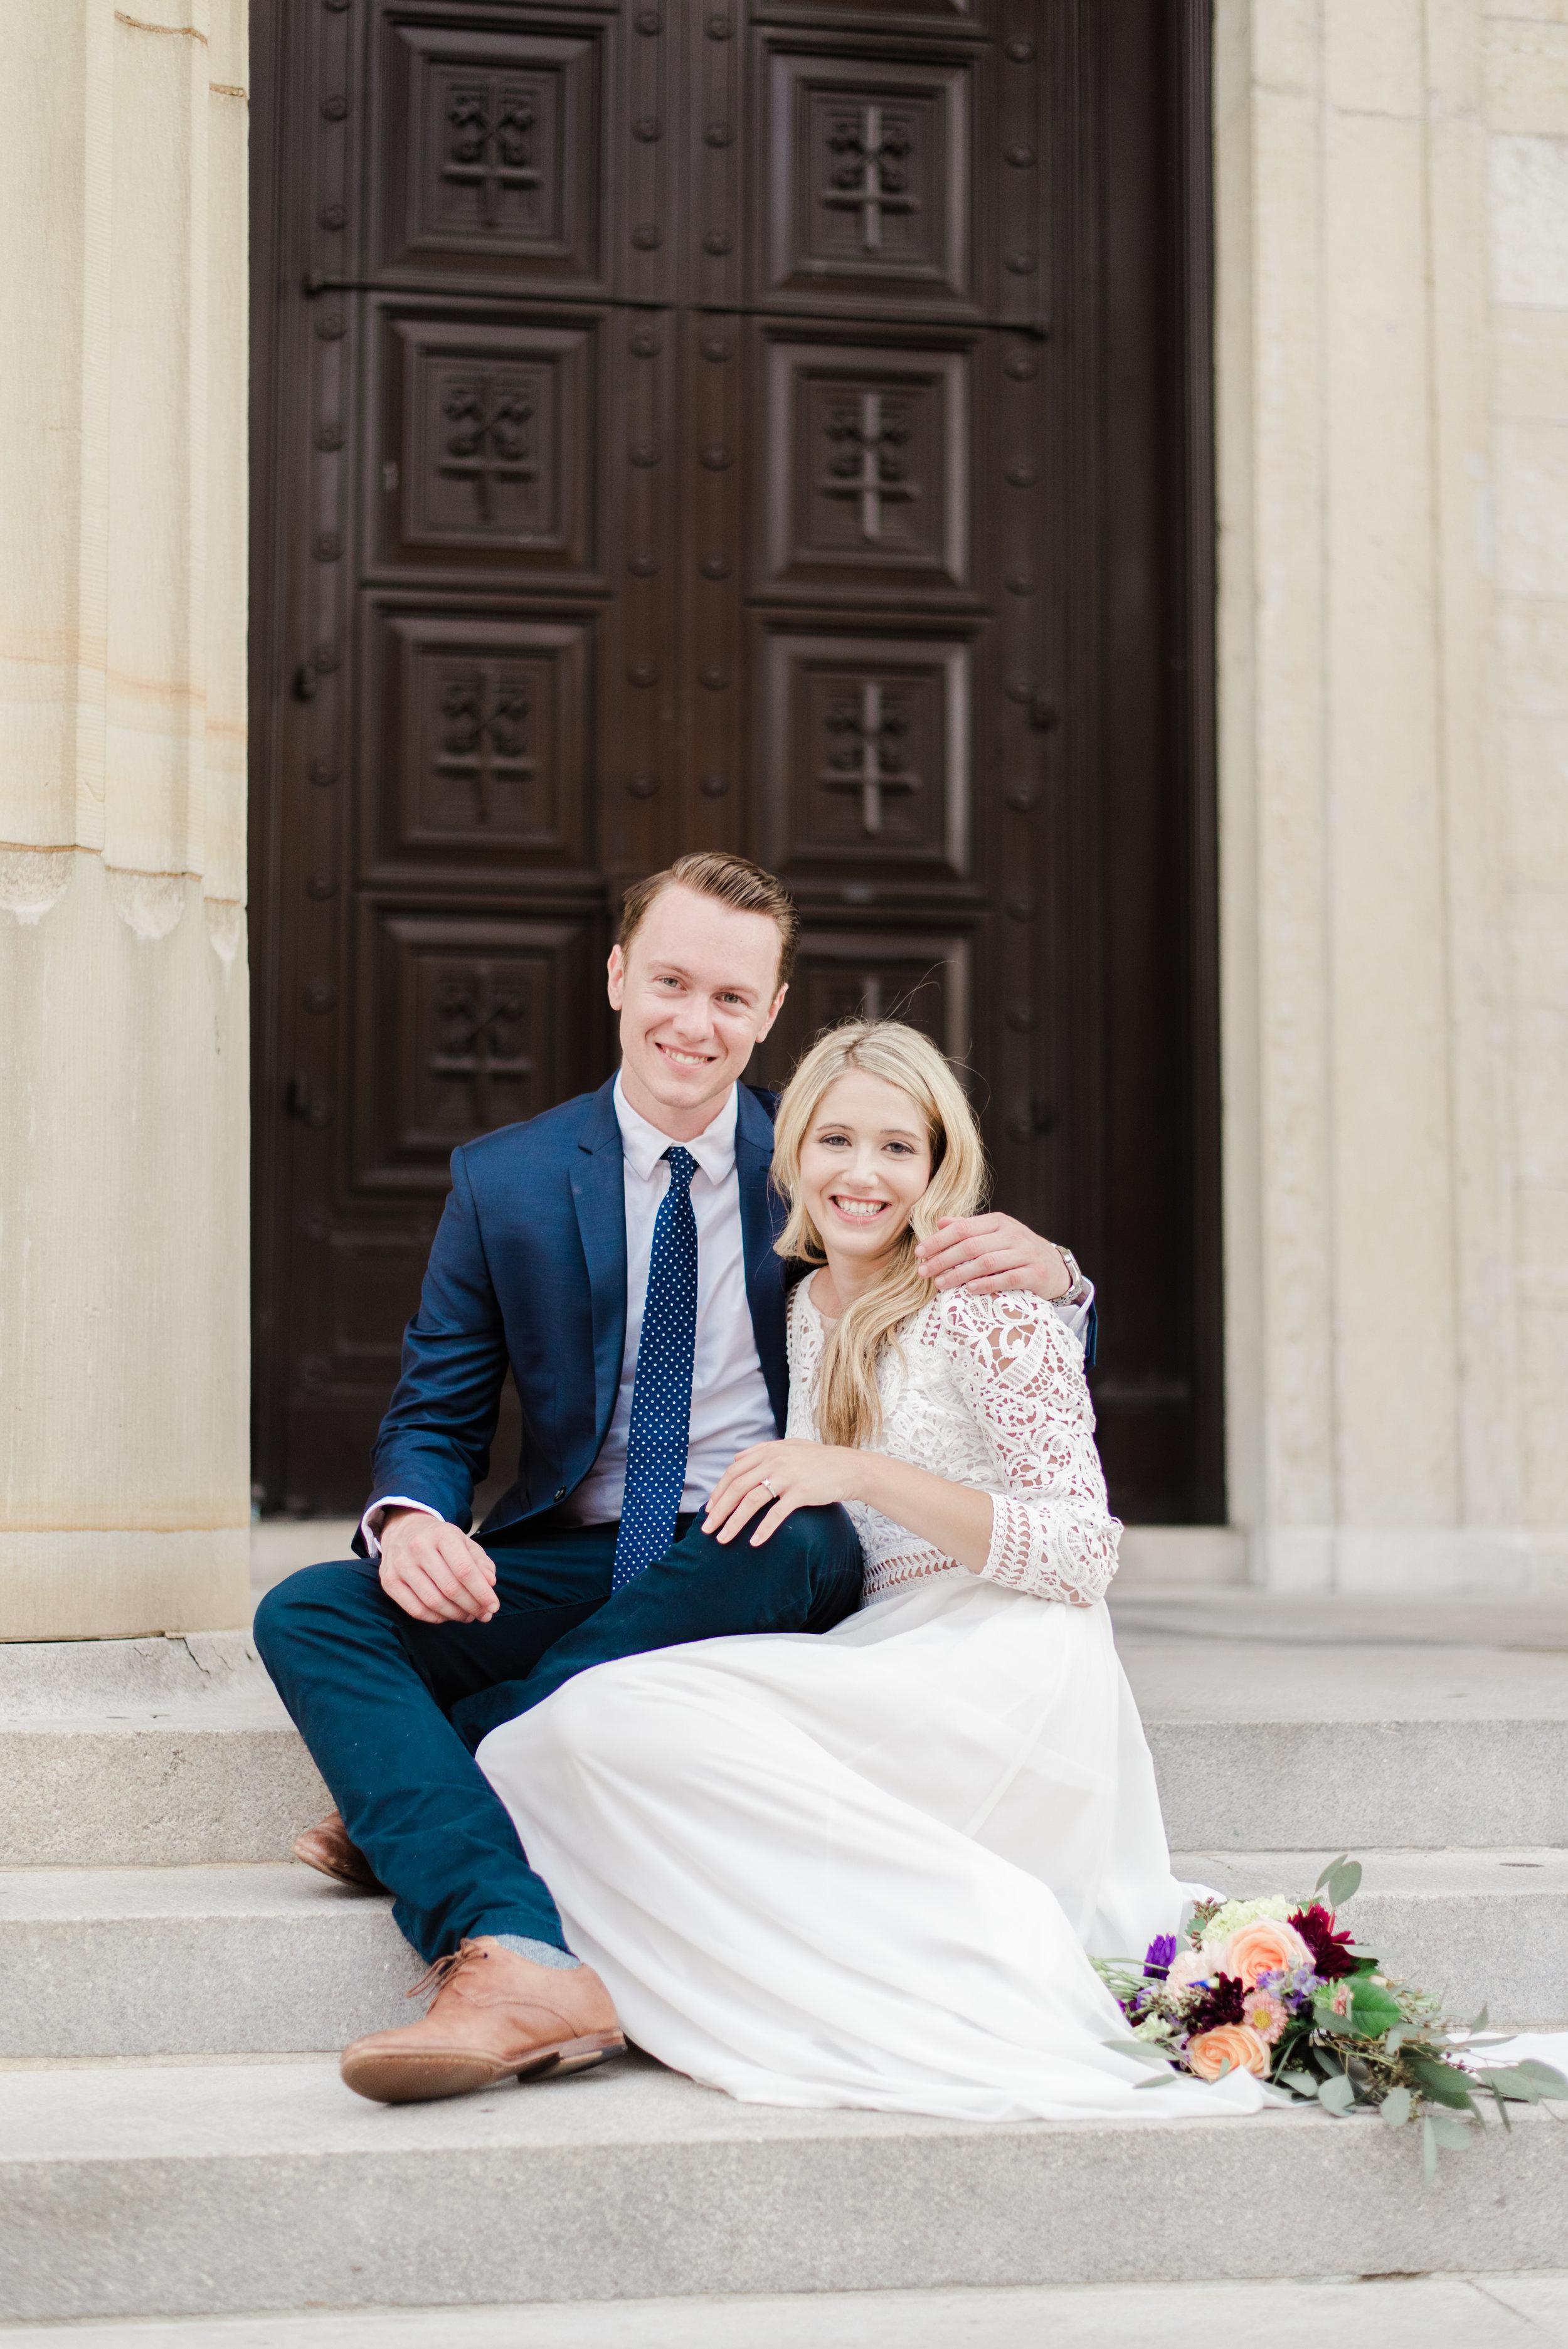 BrookeKeagan_Engaged_wedding_1752.jpg